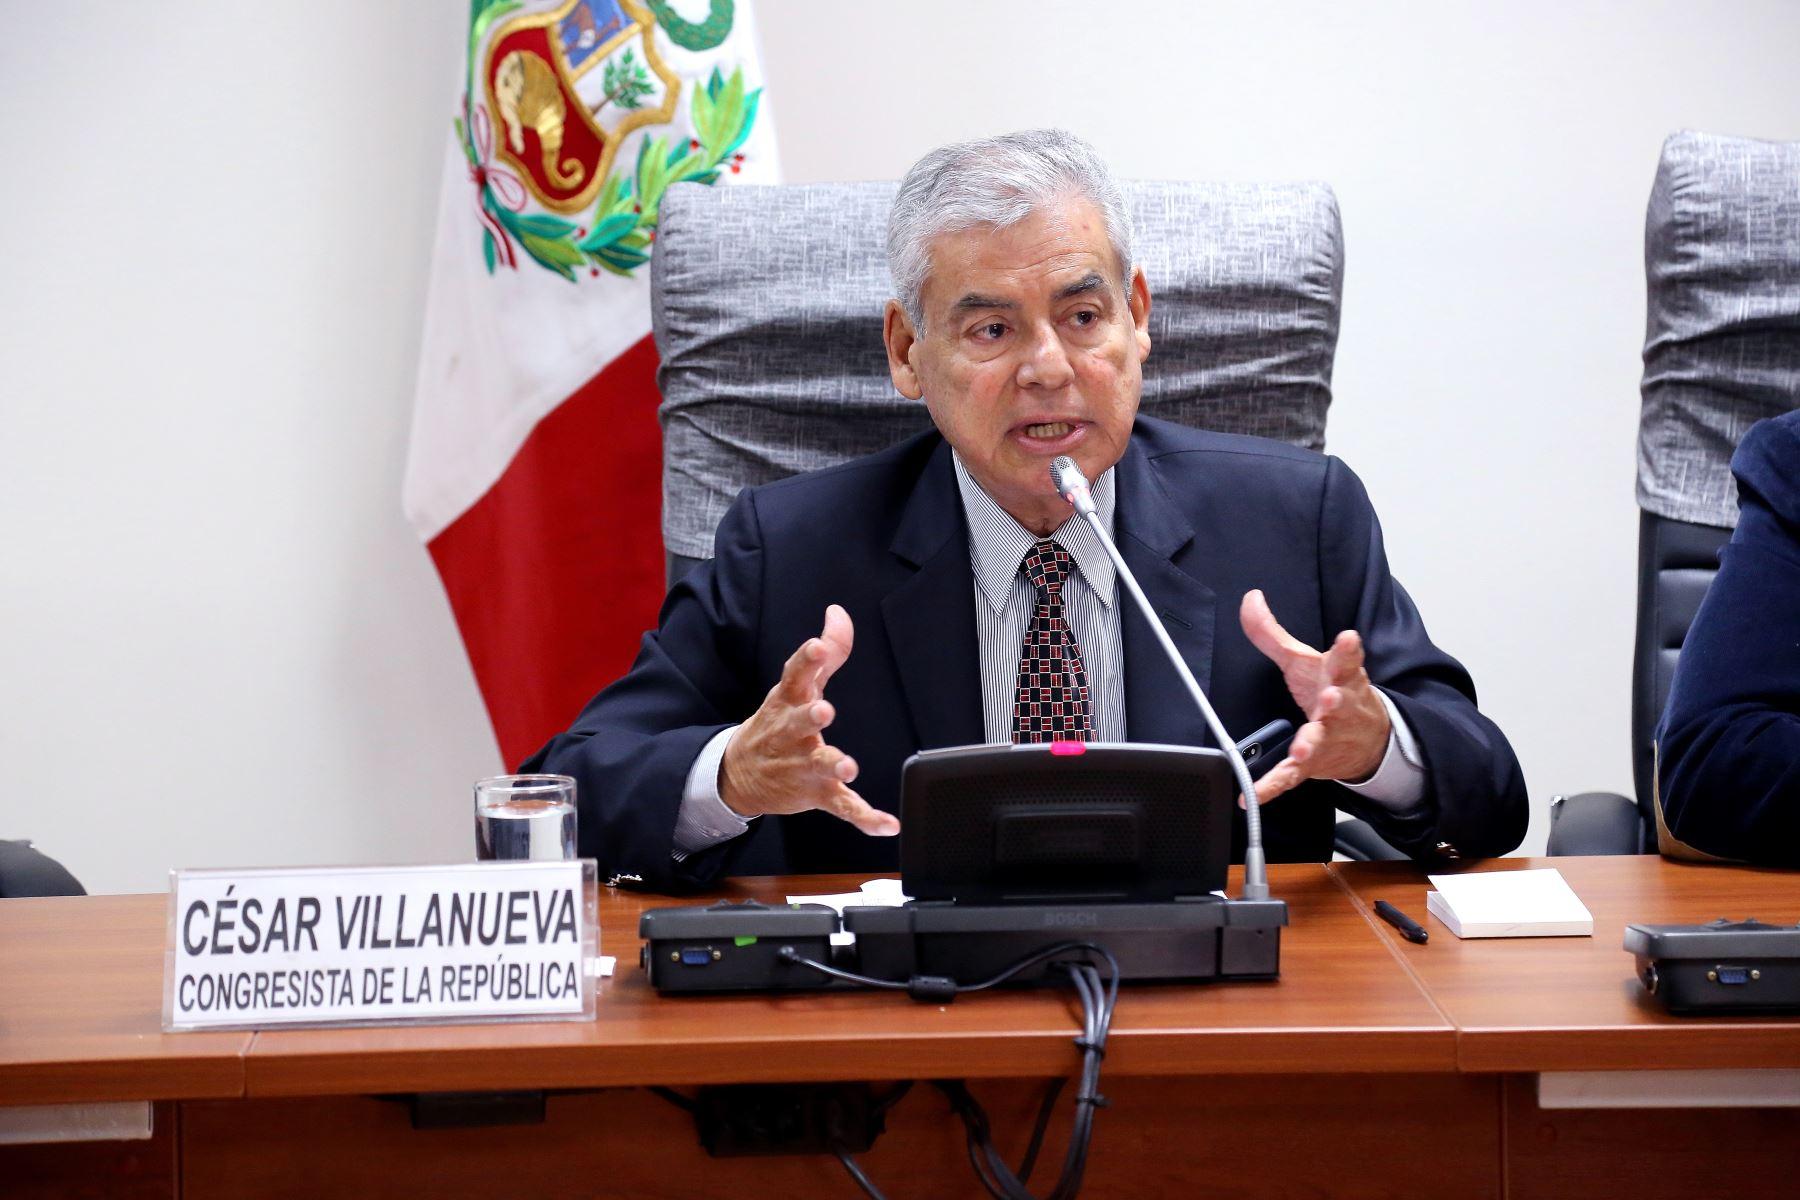 Legislador César Villanueva. Difusión